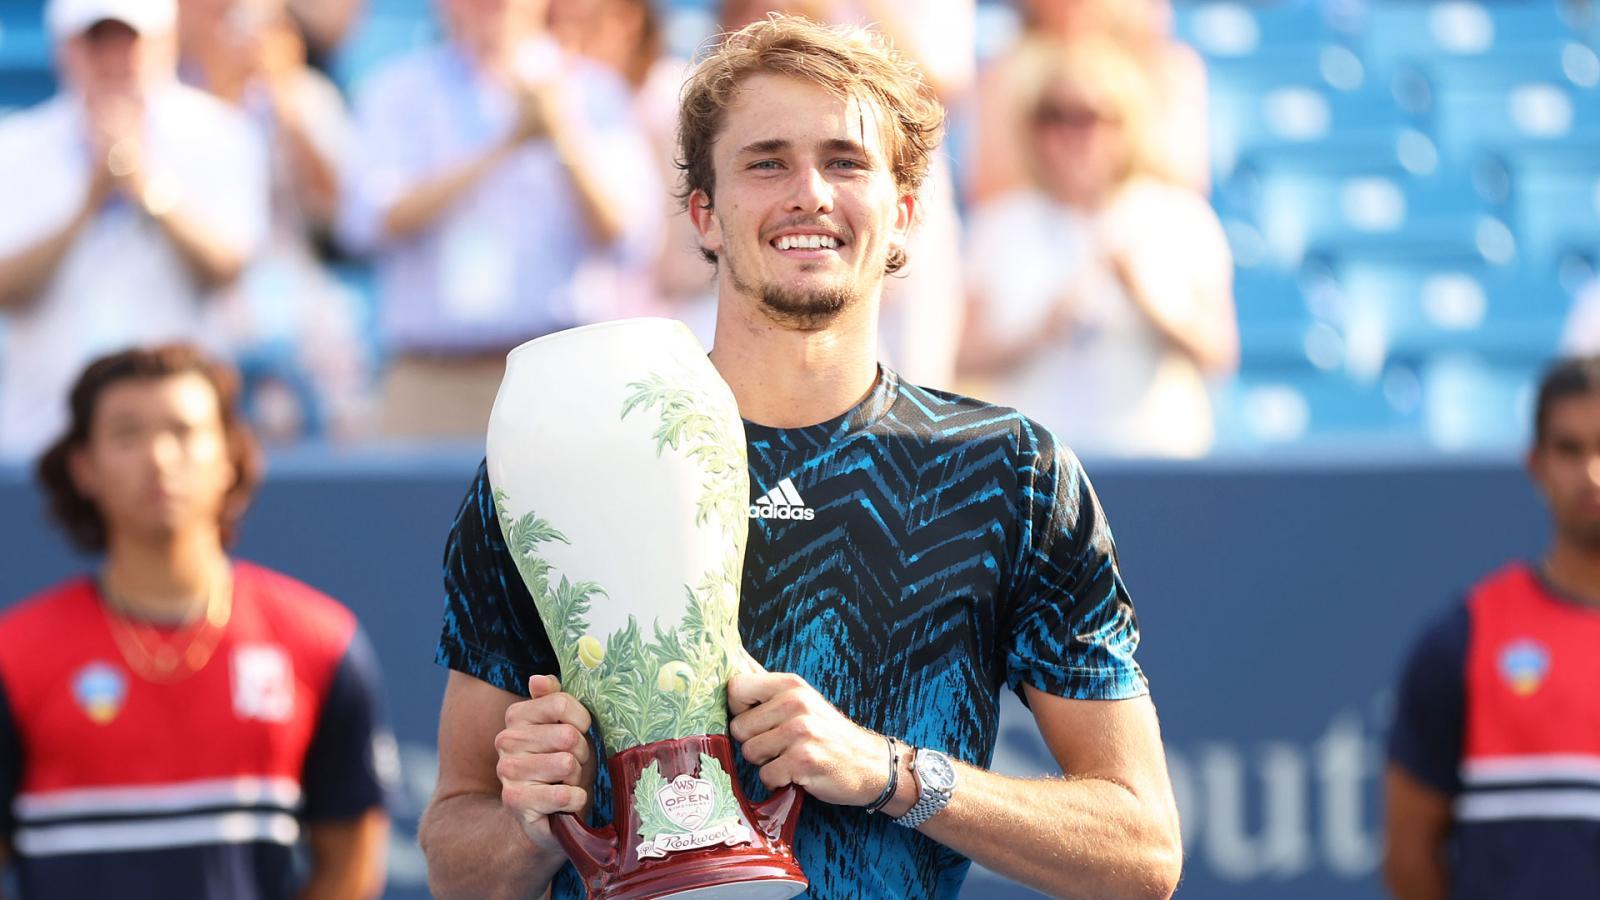 El aleman Alexander Zverev se lleva su primer título en Cincinati tras doblegar con autoridad en la final al ruso Rublev en dos sets.